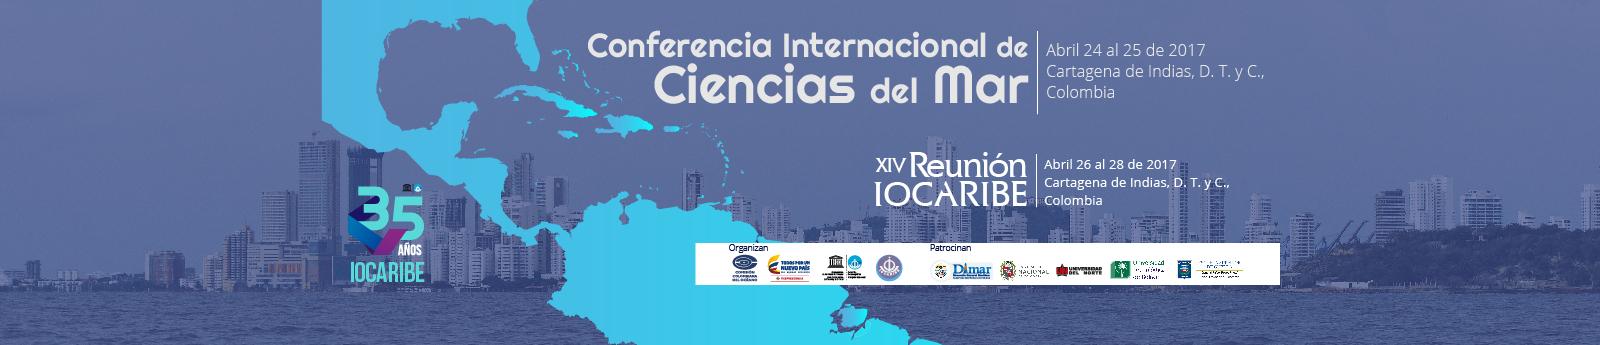 Conferencia Internacional de Ciencias del Mar 2017